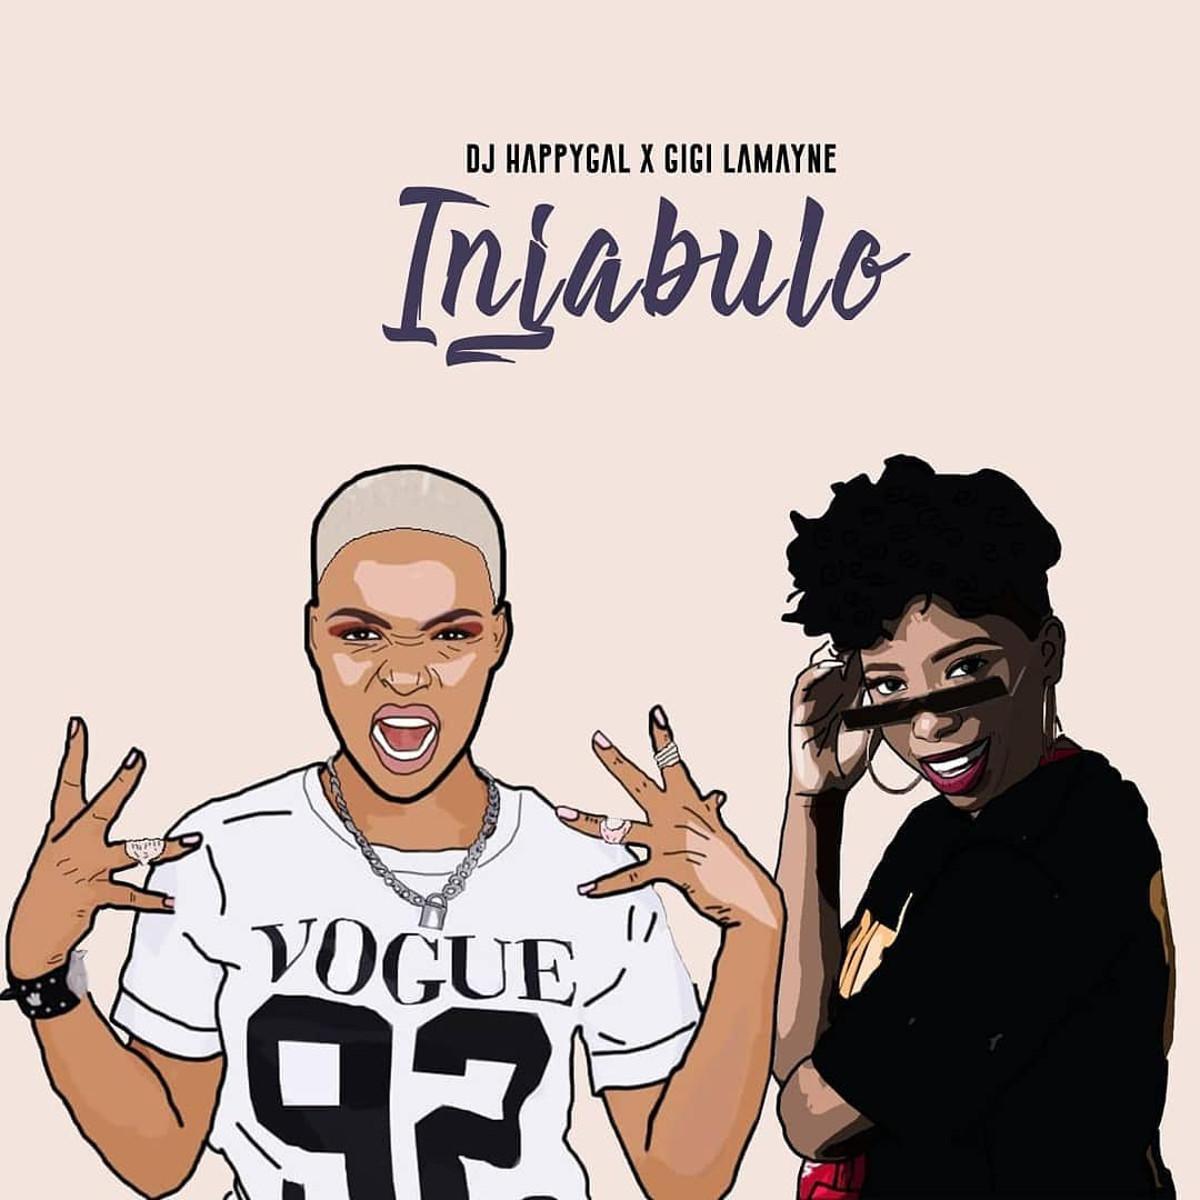 DJ Happygal Injabulo - DJ Happygal – Injabulo Ft. Gigi Lamayne